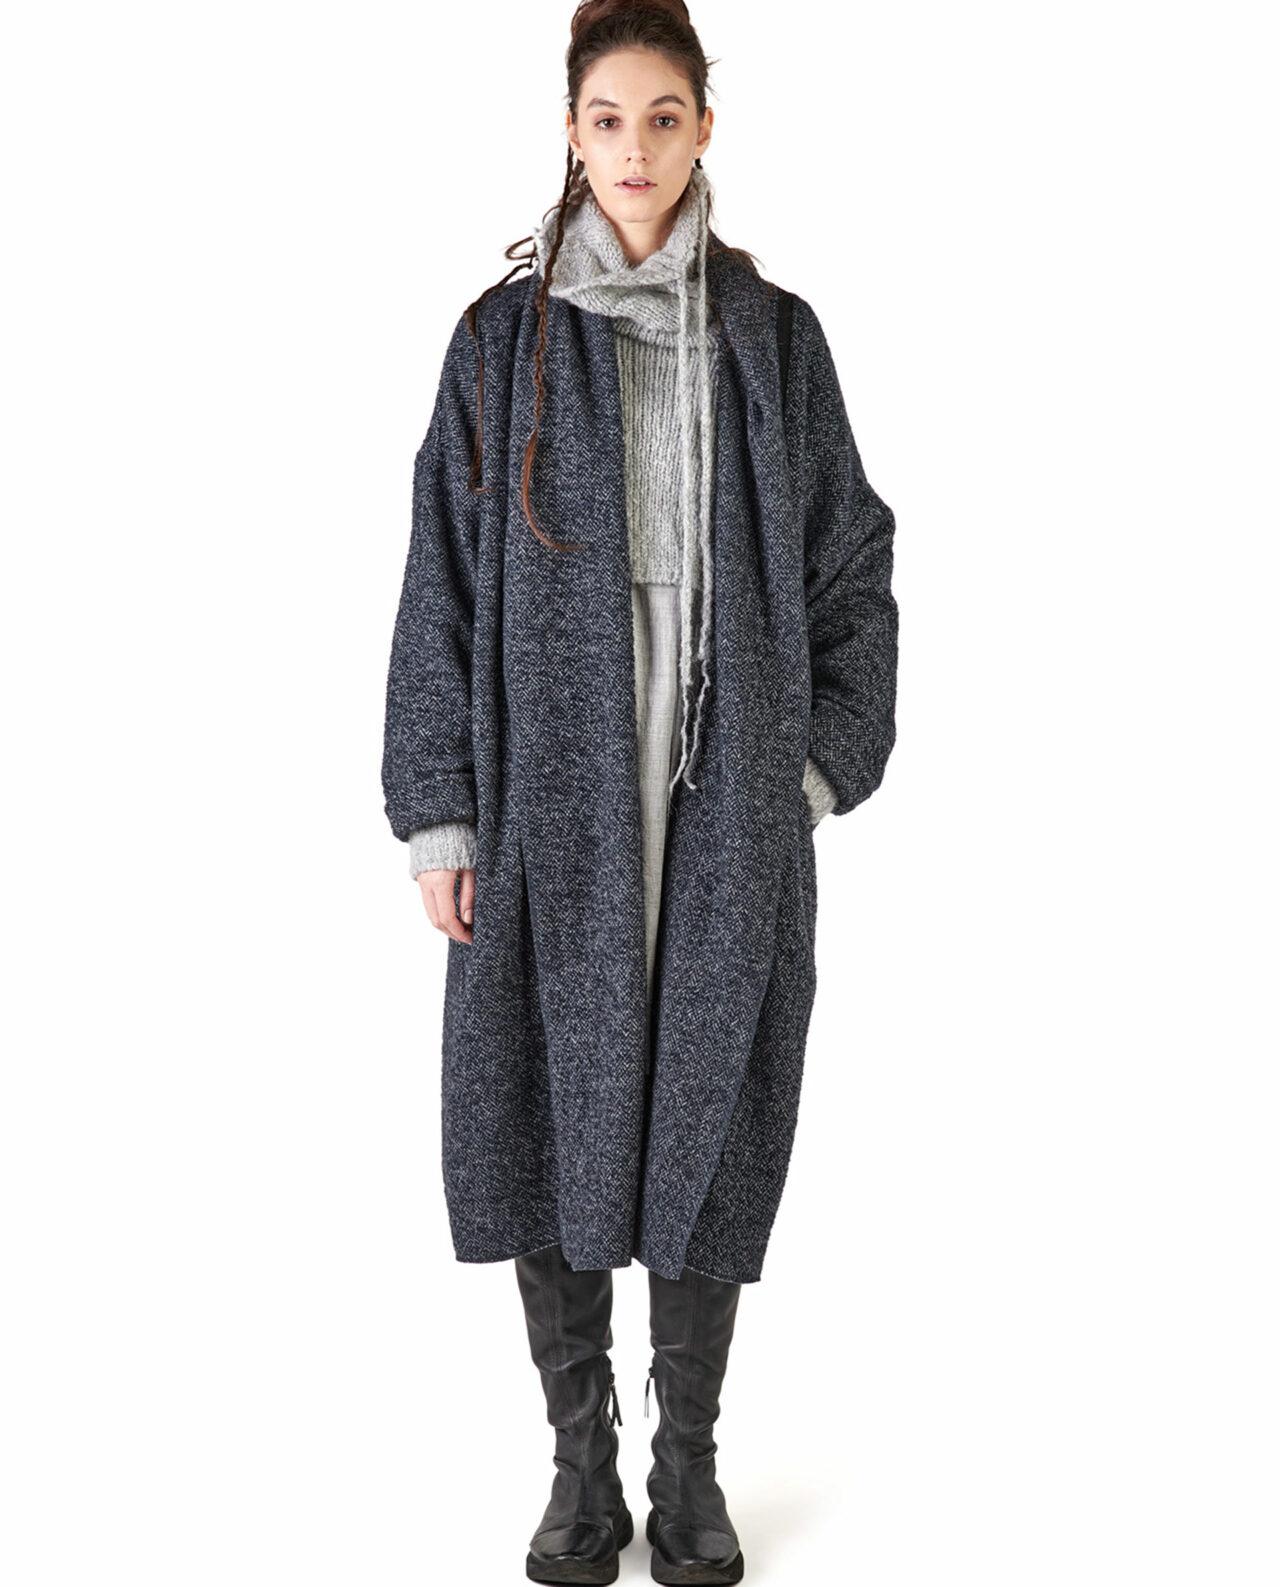 VILGE coat